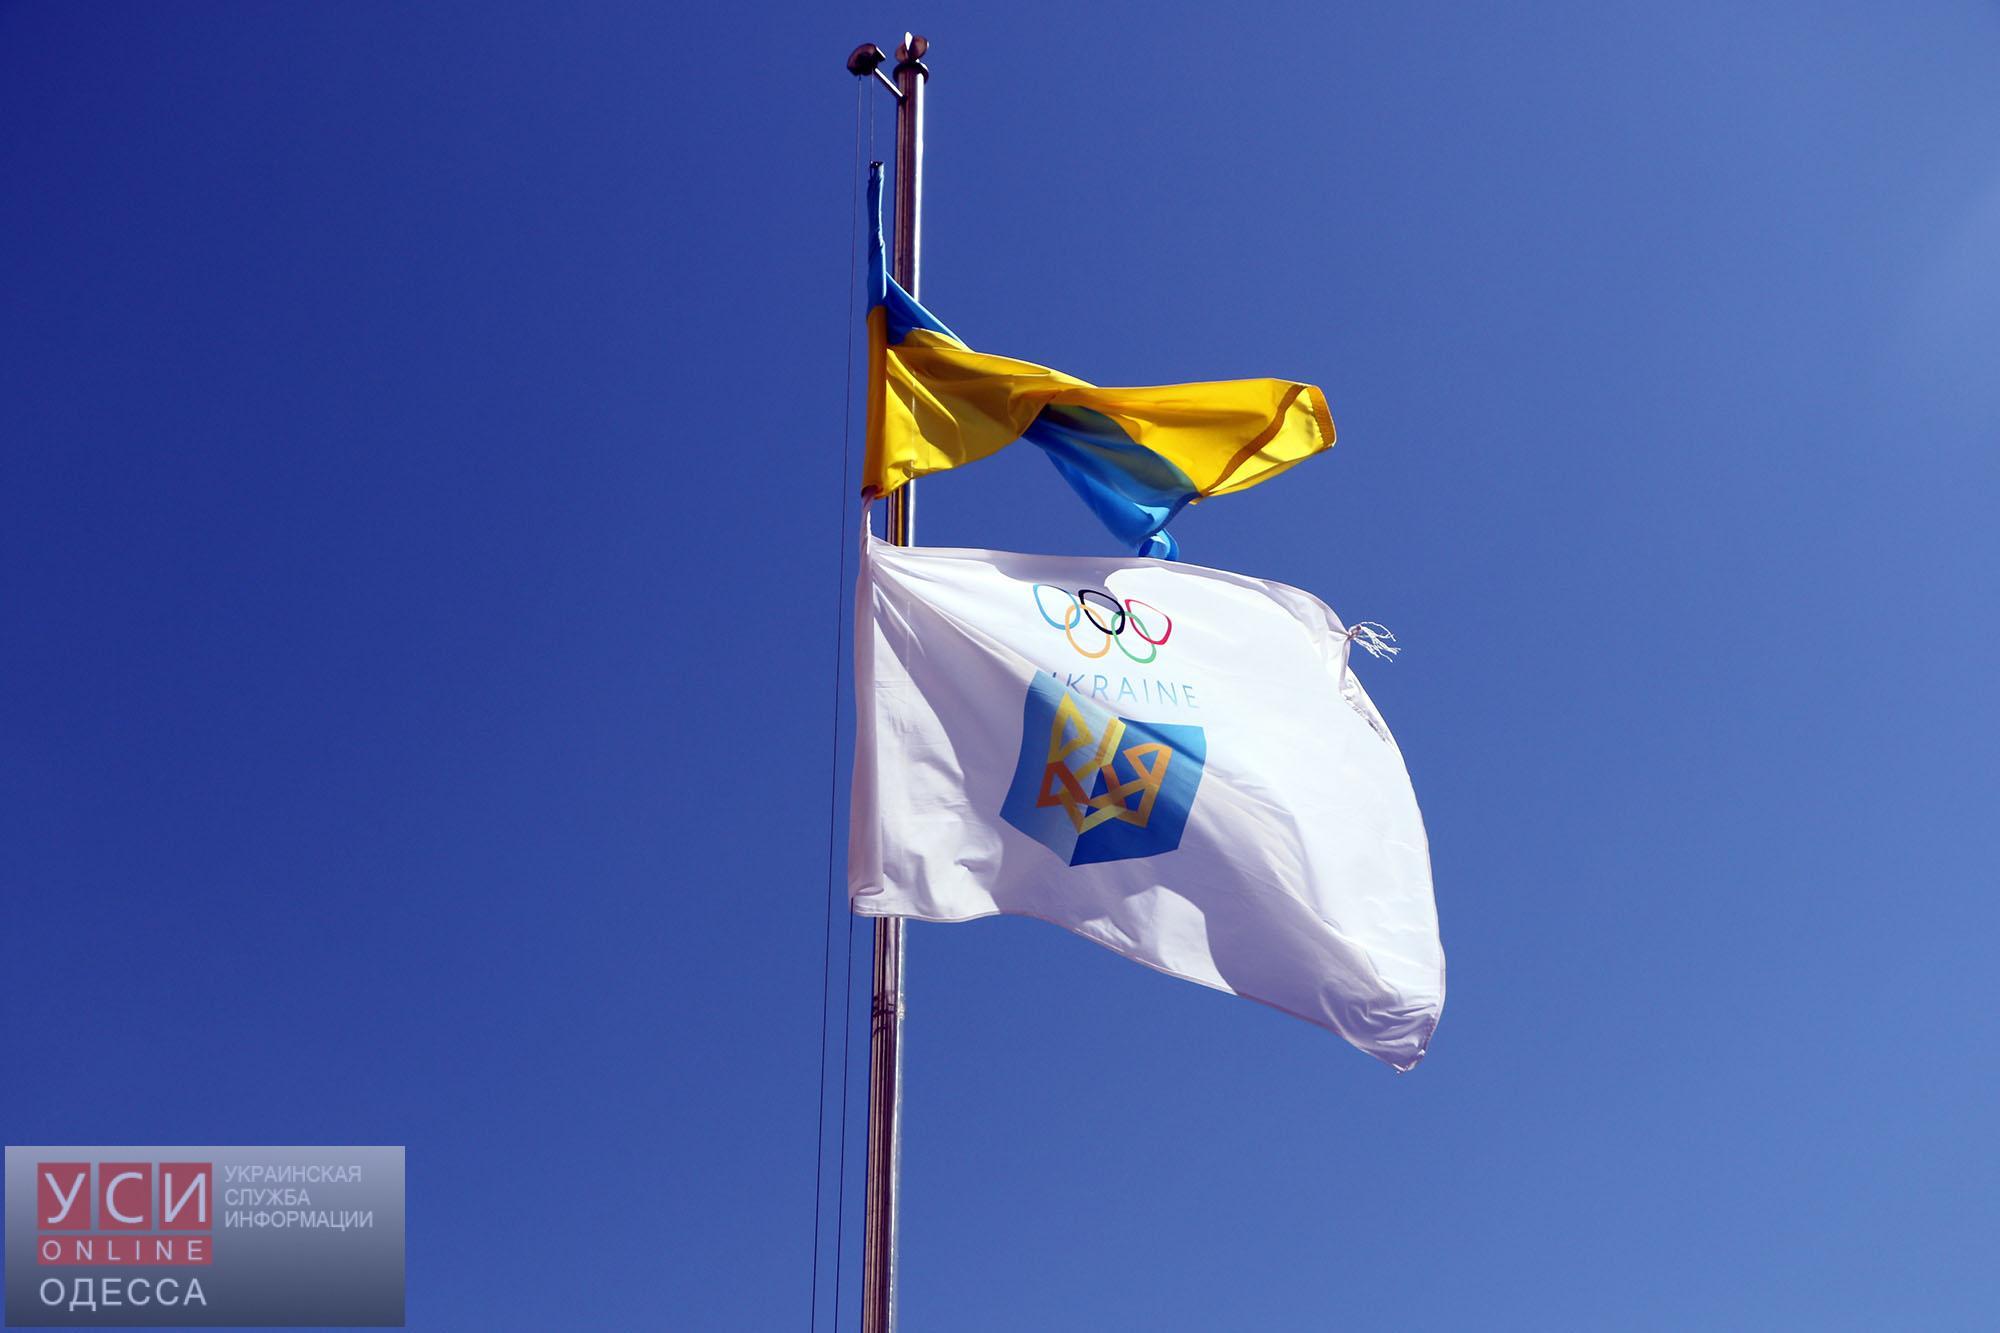 Олимпийский флаг подняли над Одесской ОГА (фото)